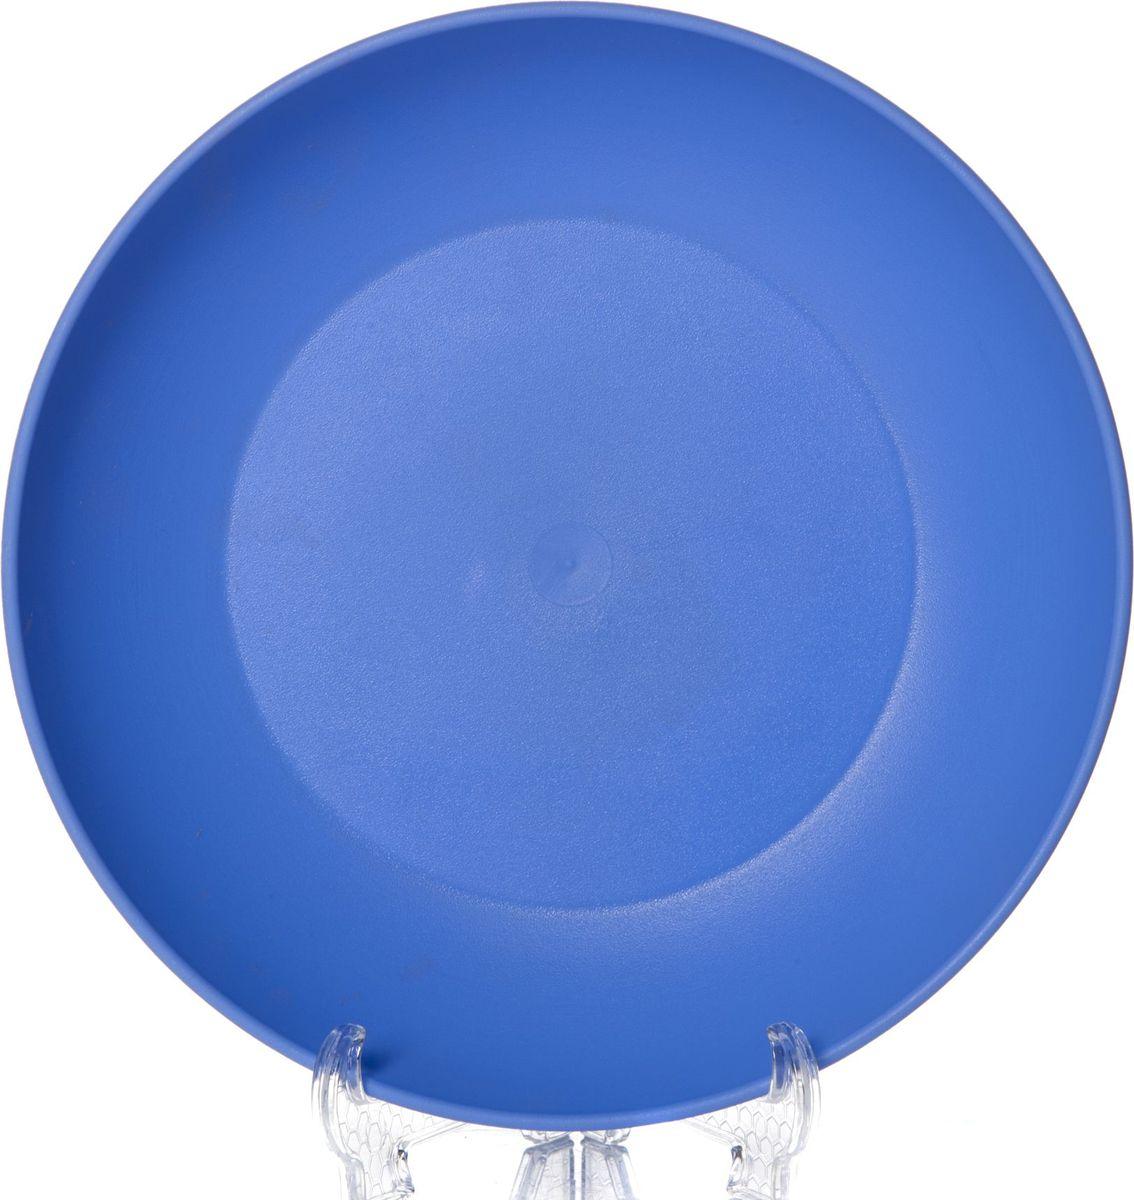 Тарелка Gotoff, цвет в ассортименте, диаметр 18 см тарелка глубокая gotoff цвет фисташковый диаметр 18 5 см